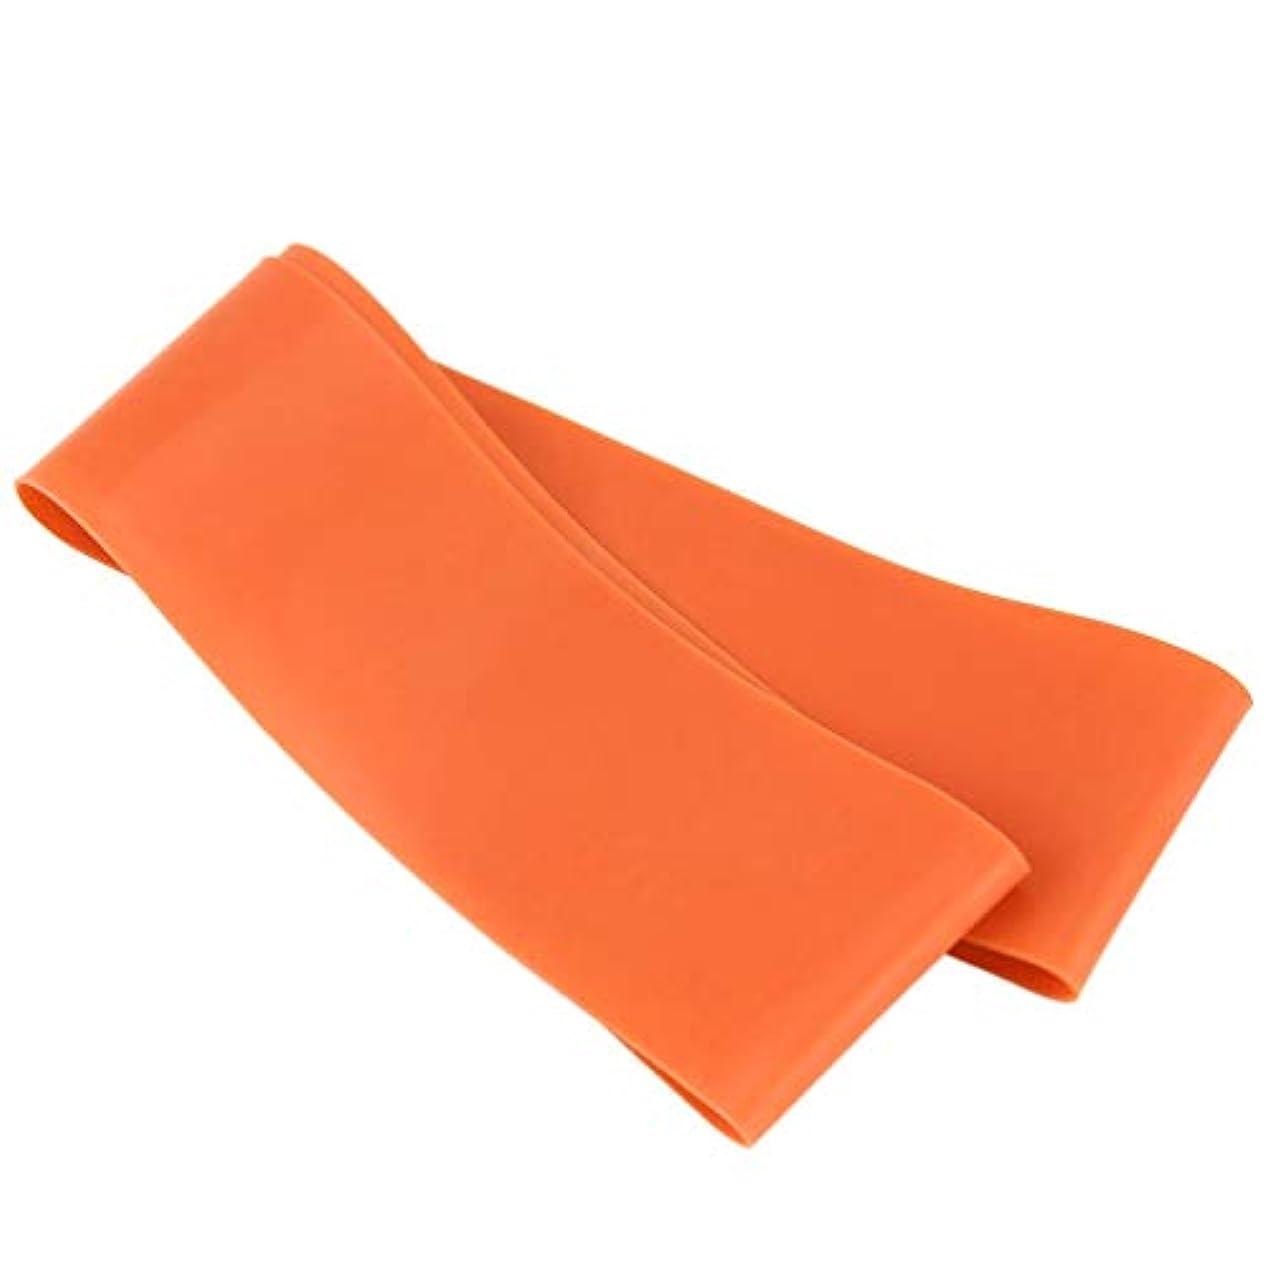 マディソン低下横たわる滑り止めの伸縮性のあるゴム製伸縮性がある伸縮性があるヨガベルトバンド引きロープの張力抵抗バンドループ強度のためのフィットネスヨガツール - オレンジ